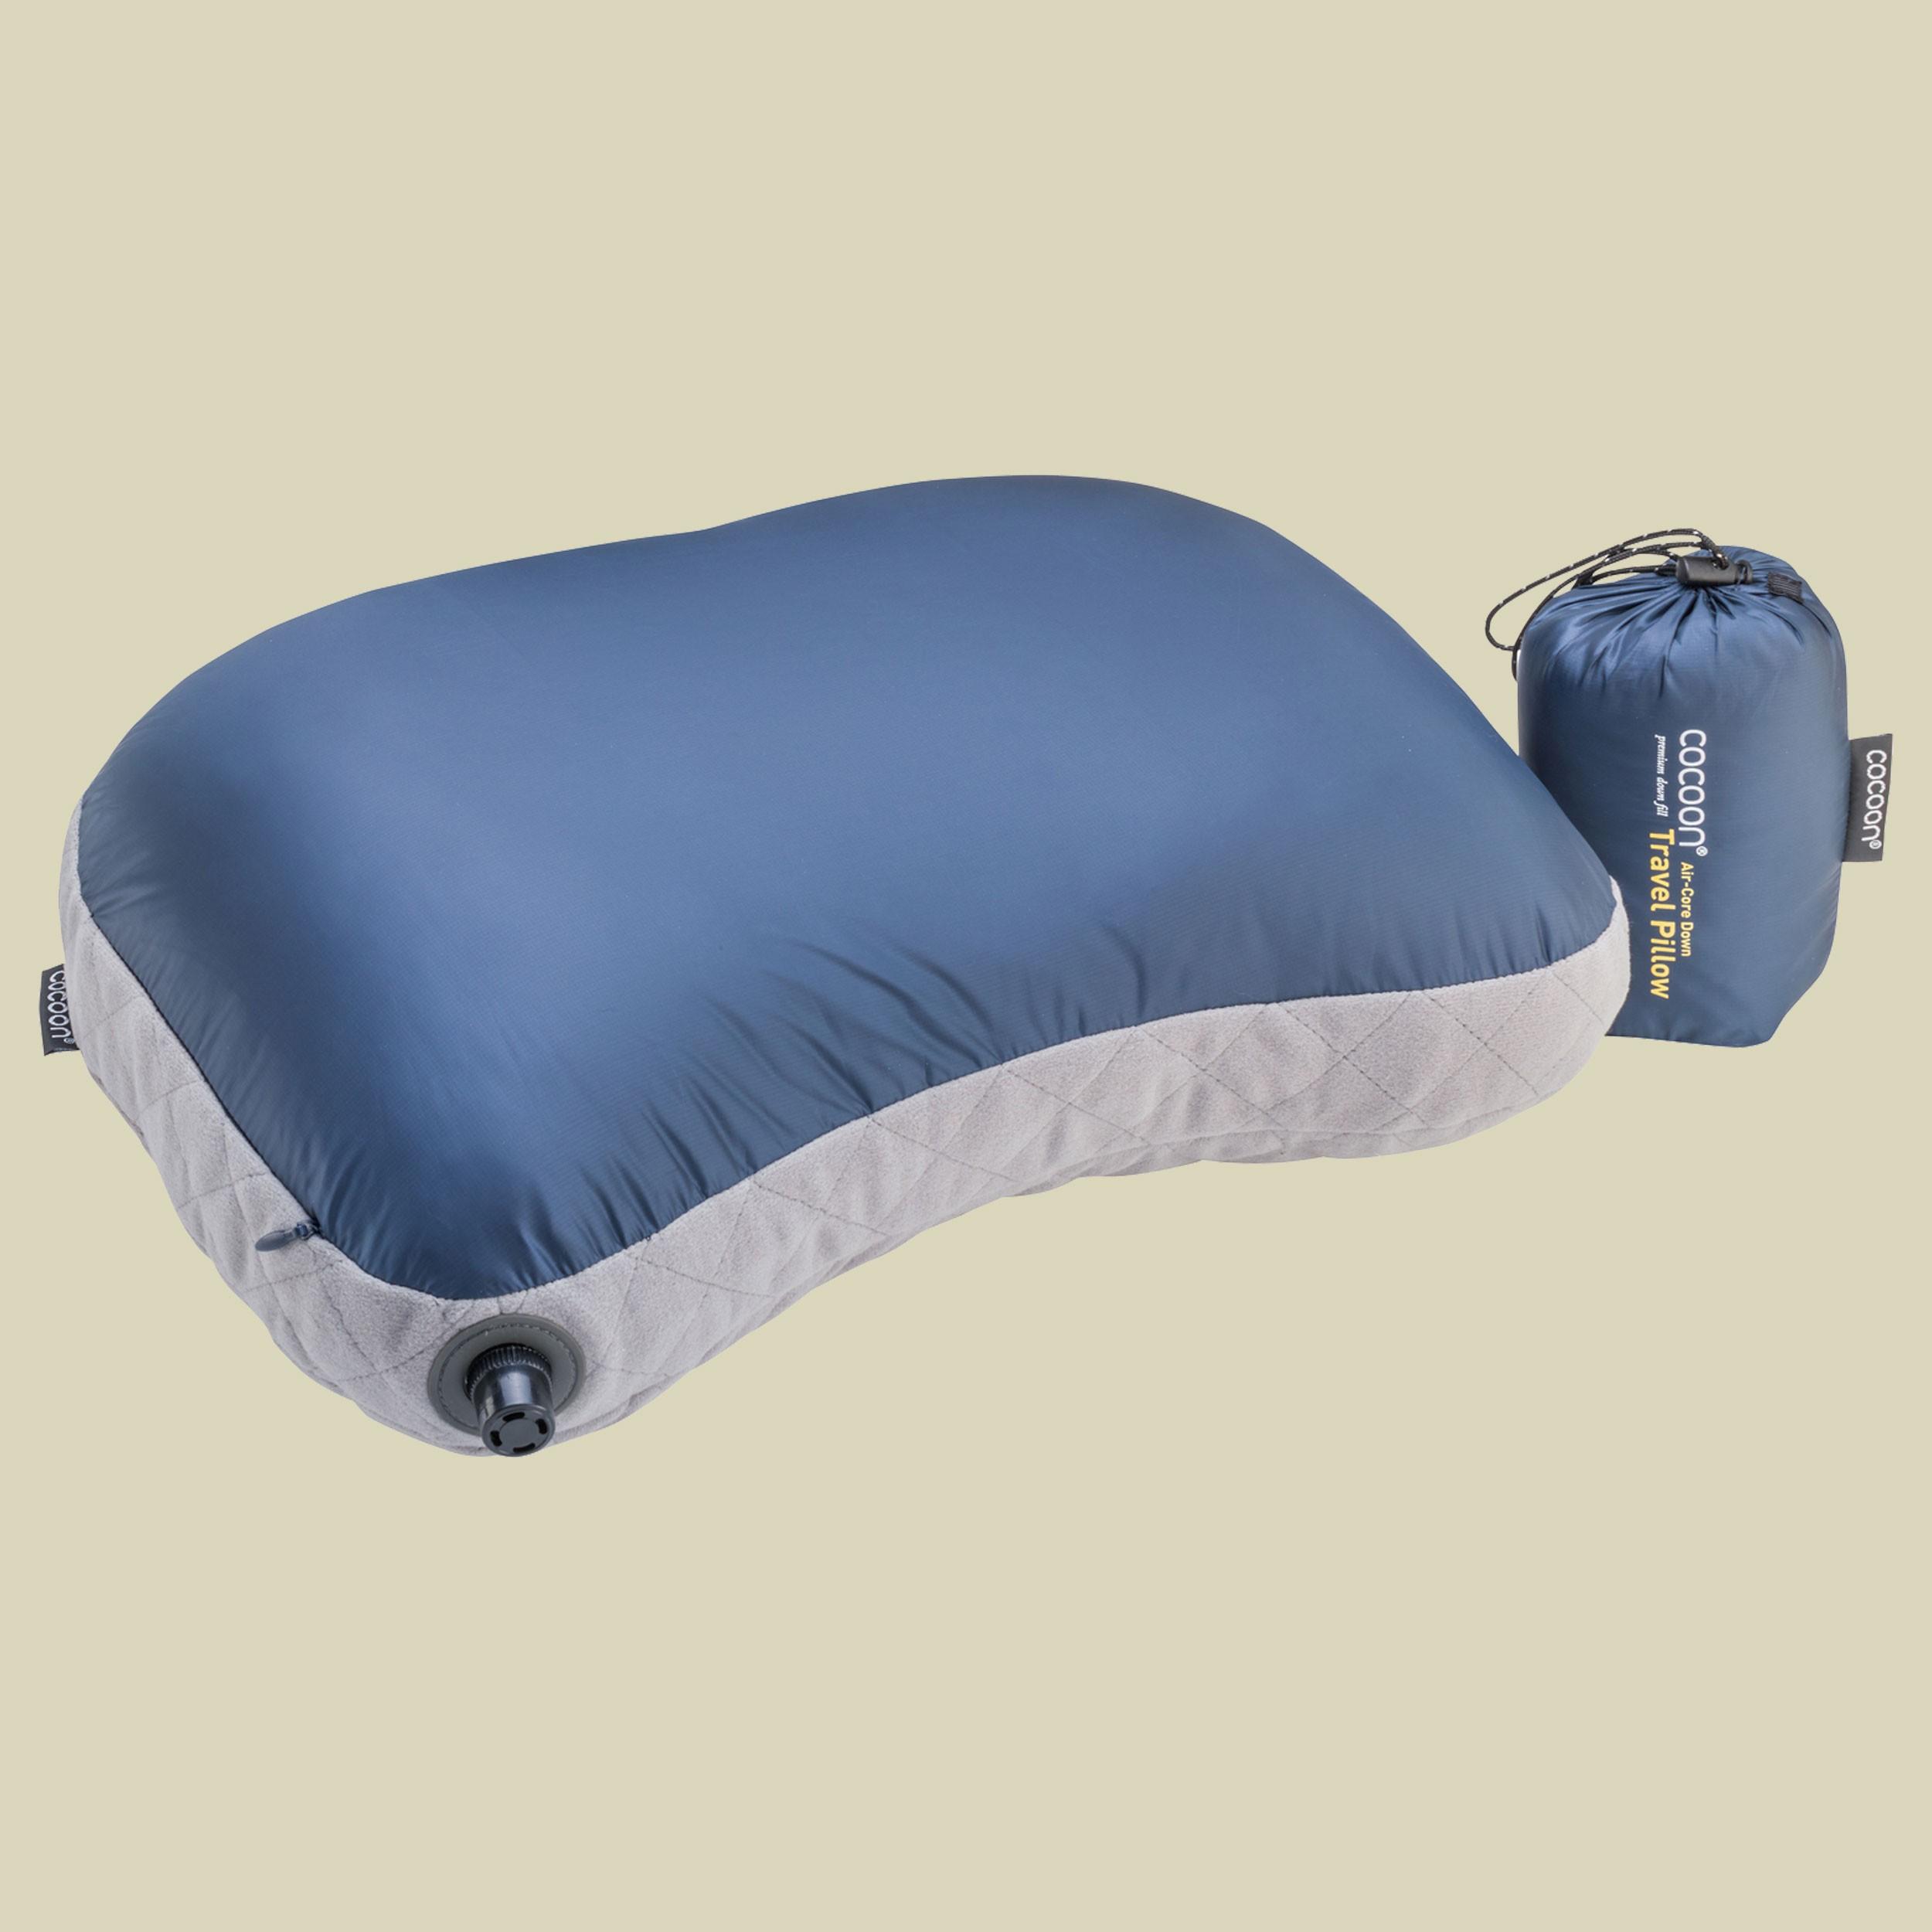 Air-Core Down Travel Pillow